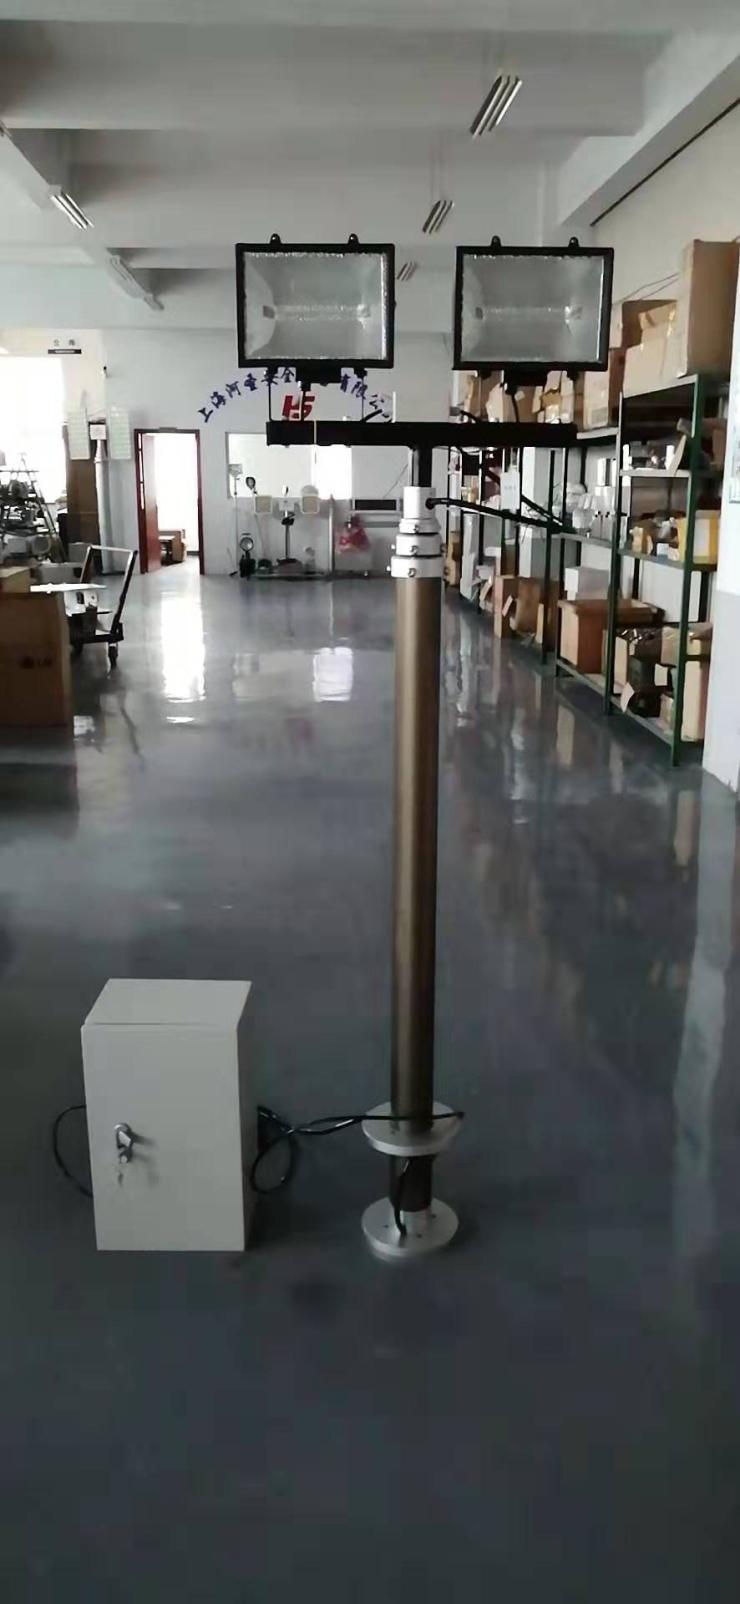 车载仰俯移动探照灯2x400w功率上海河圣上海河圣生产商